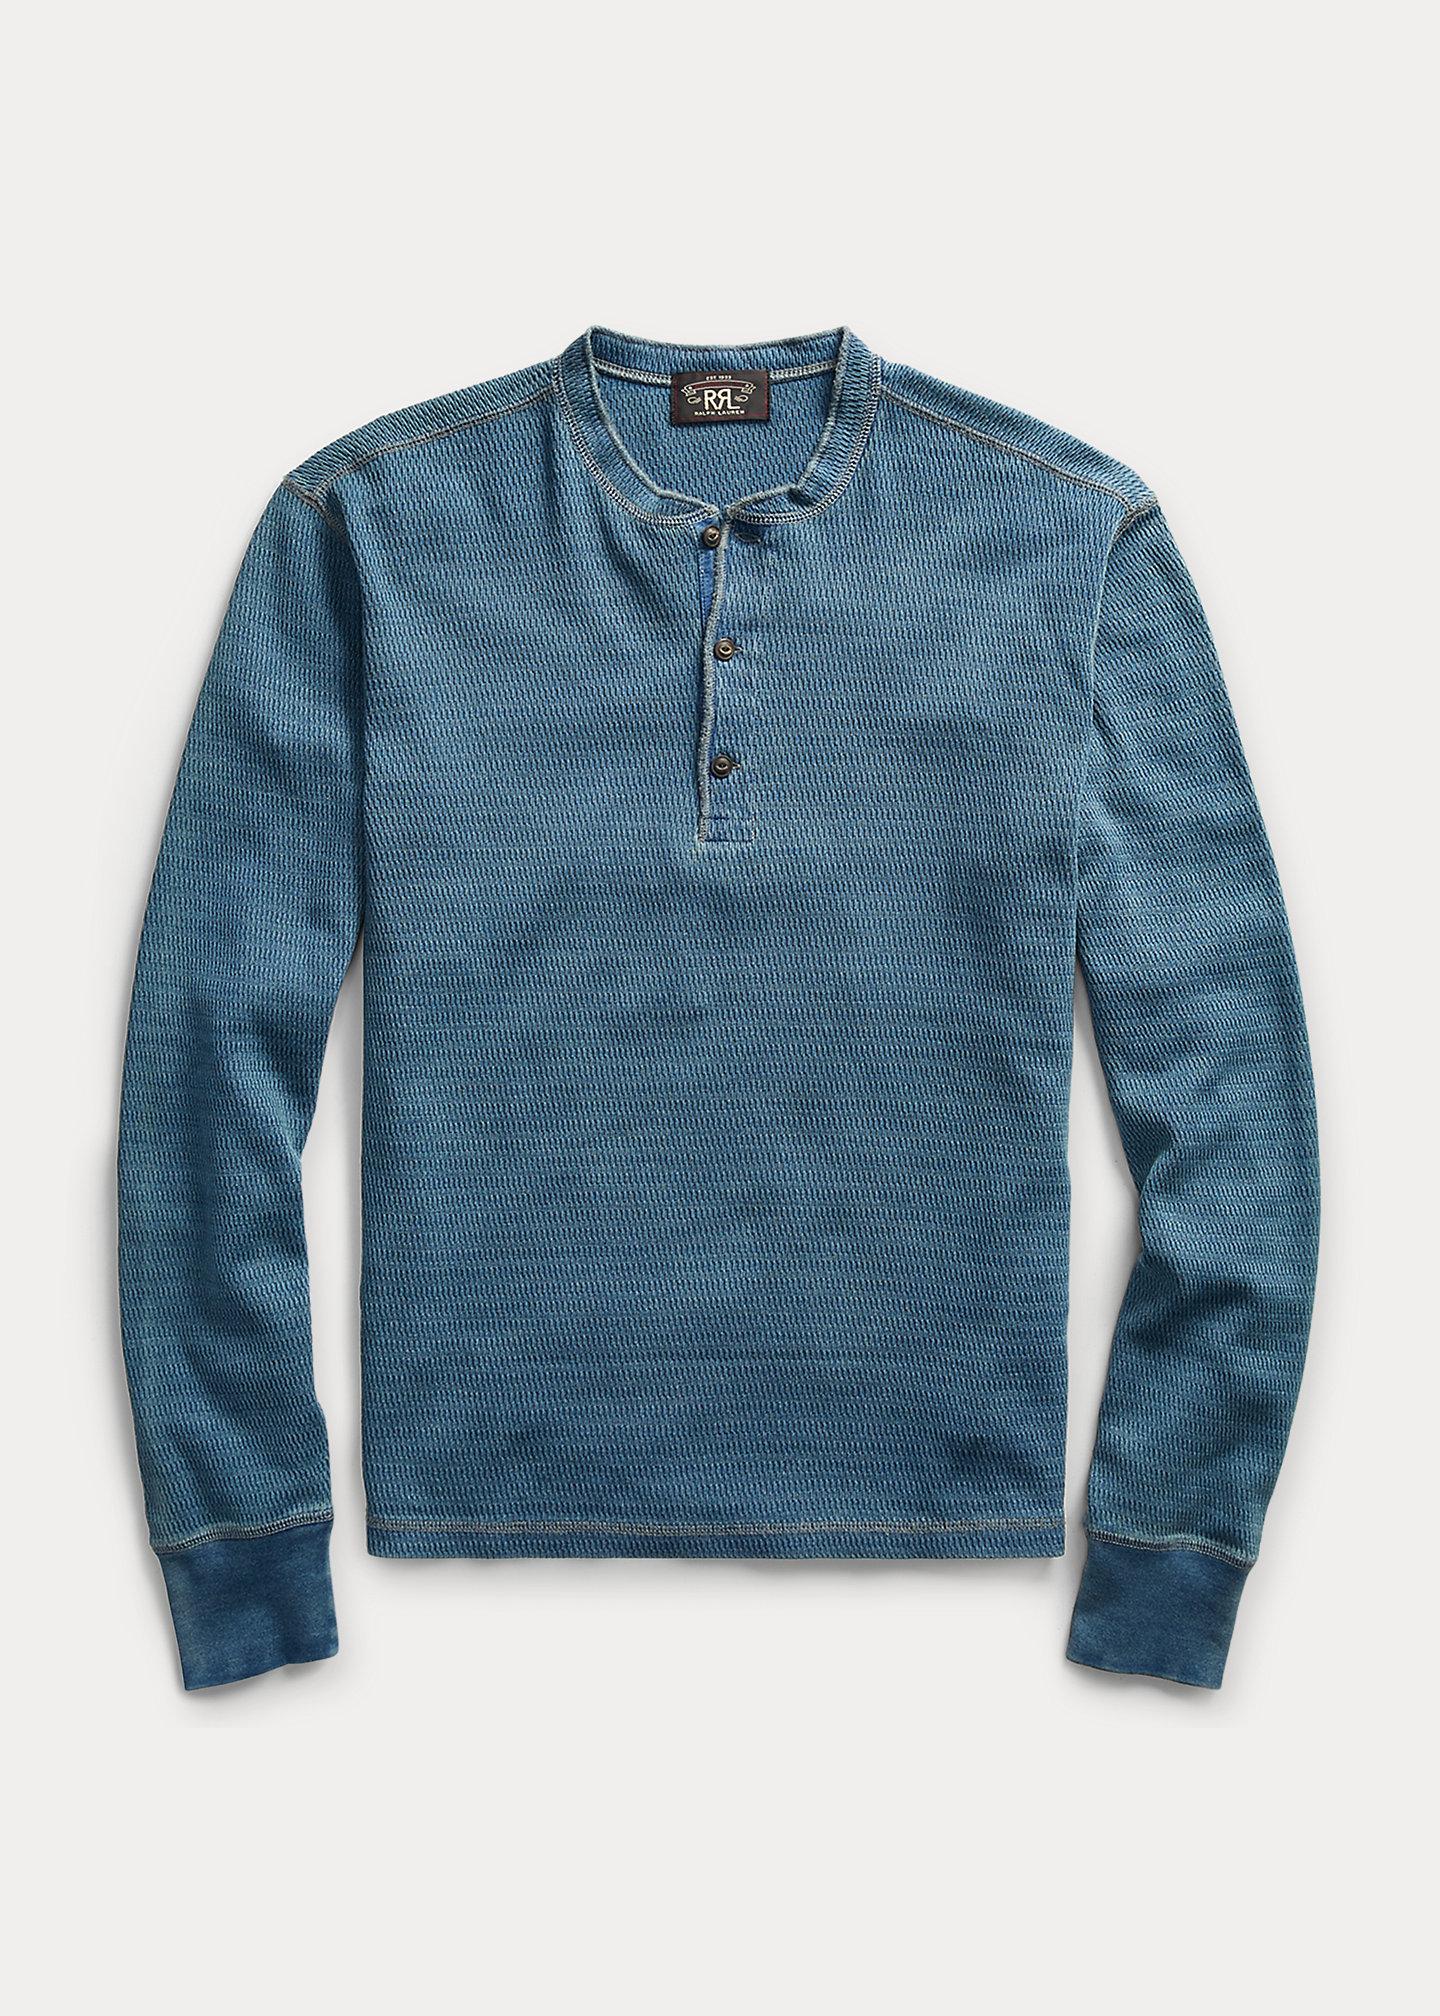 ralph lauren indigo jacquard knit henley shirt